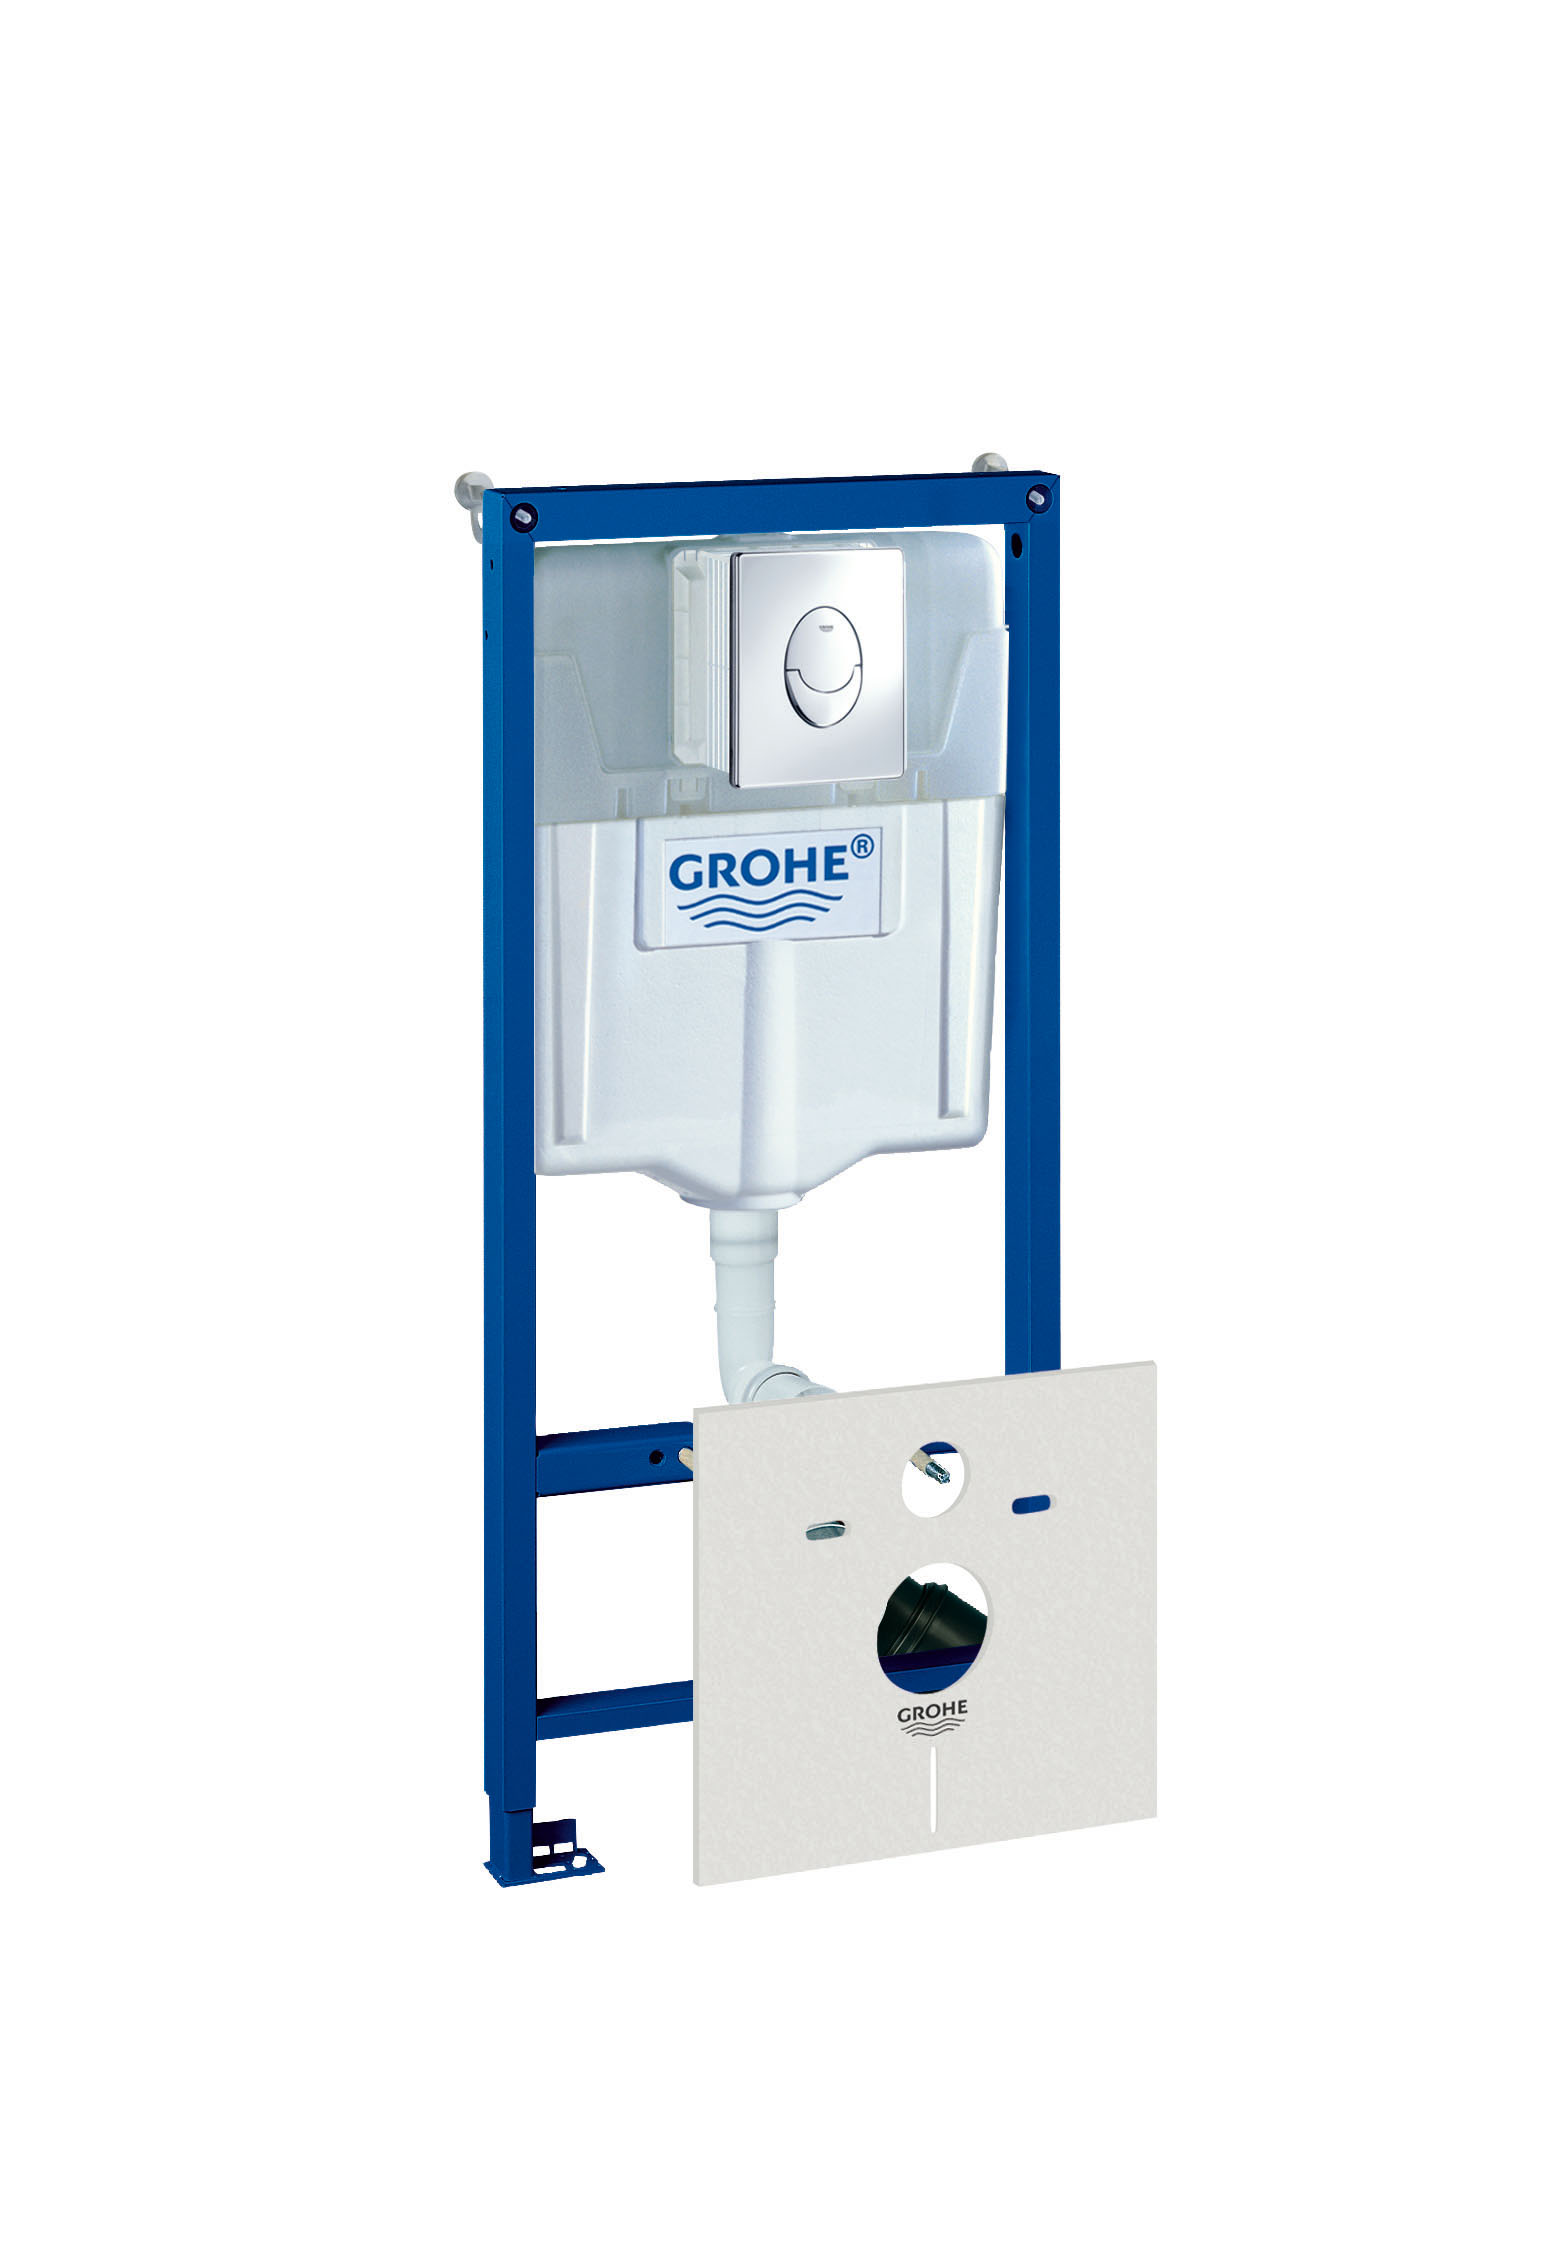 Инсталляция для унитаза Grohe Rapid sl 4 в 1 38750001 инсталляция grohe rapid sl 38840000 для подвесного унитаза